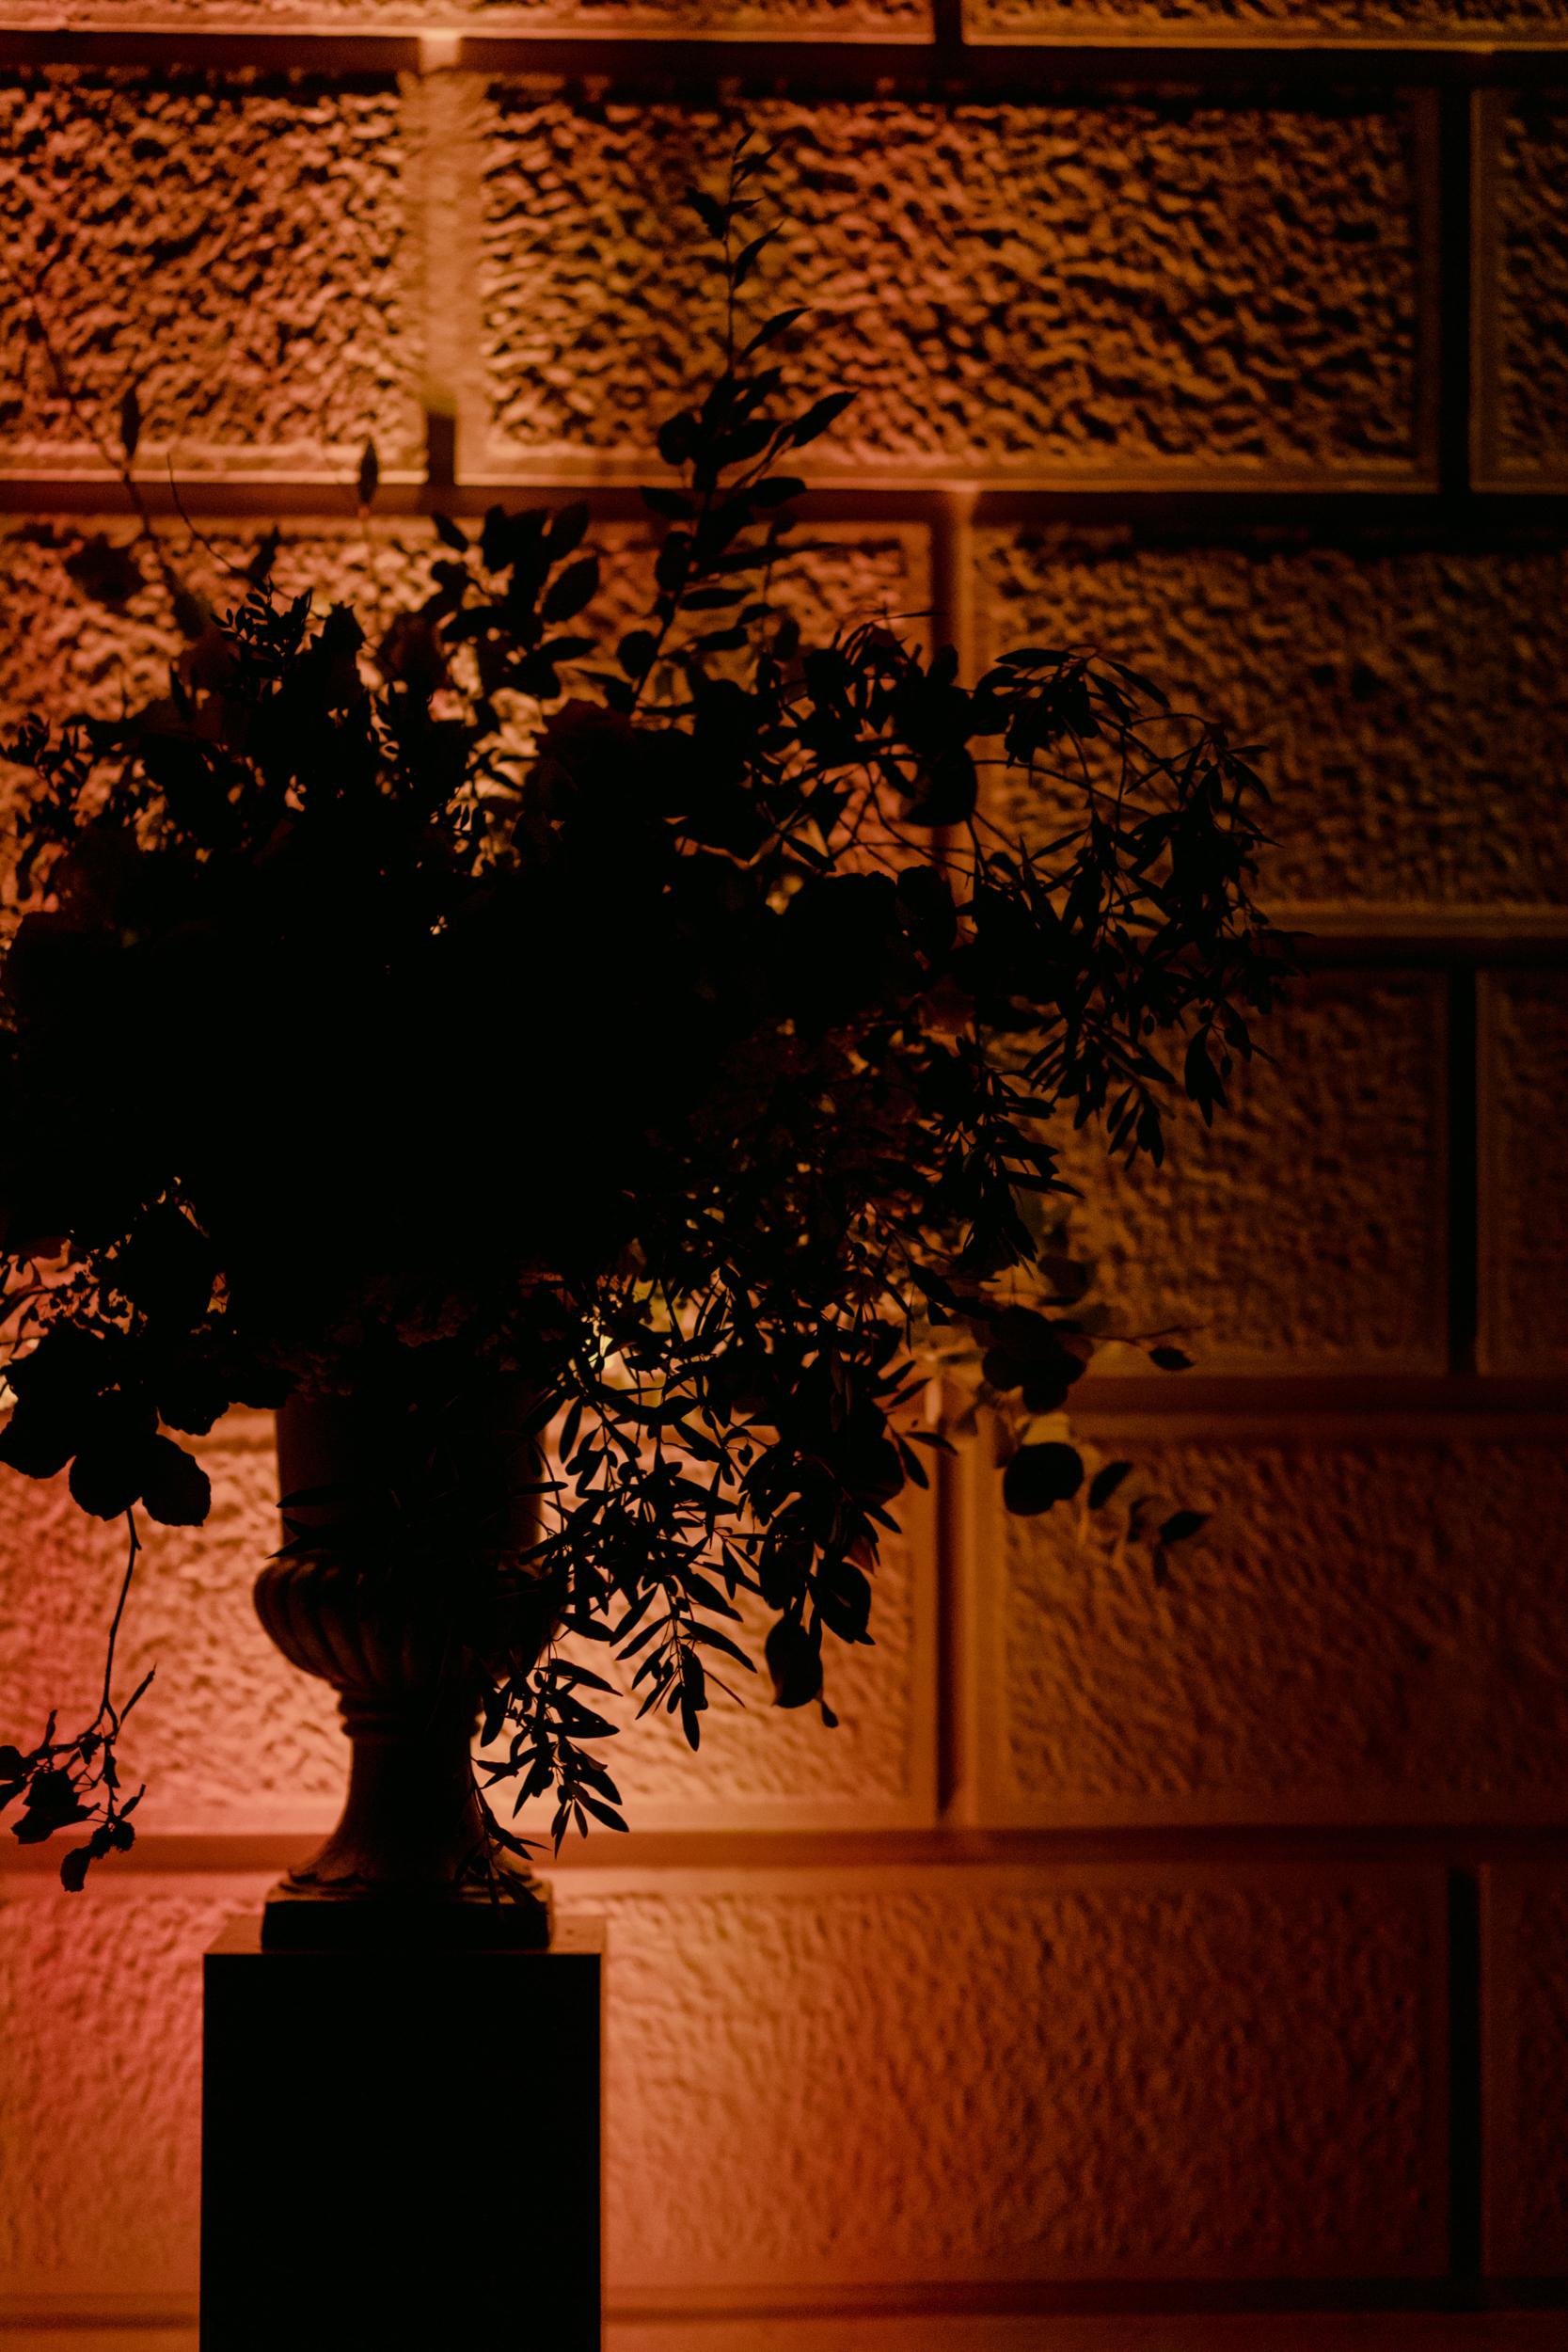 wild-flower-arrangement-italy.jpg